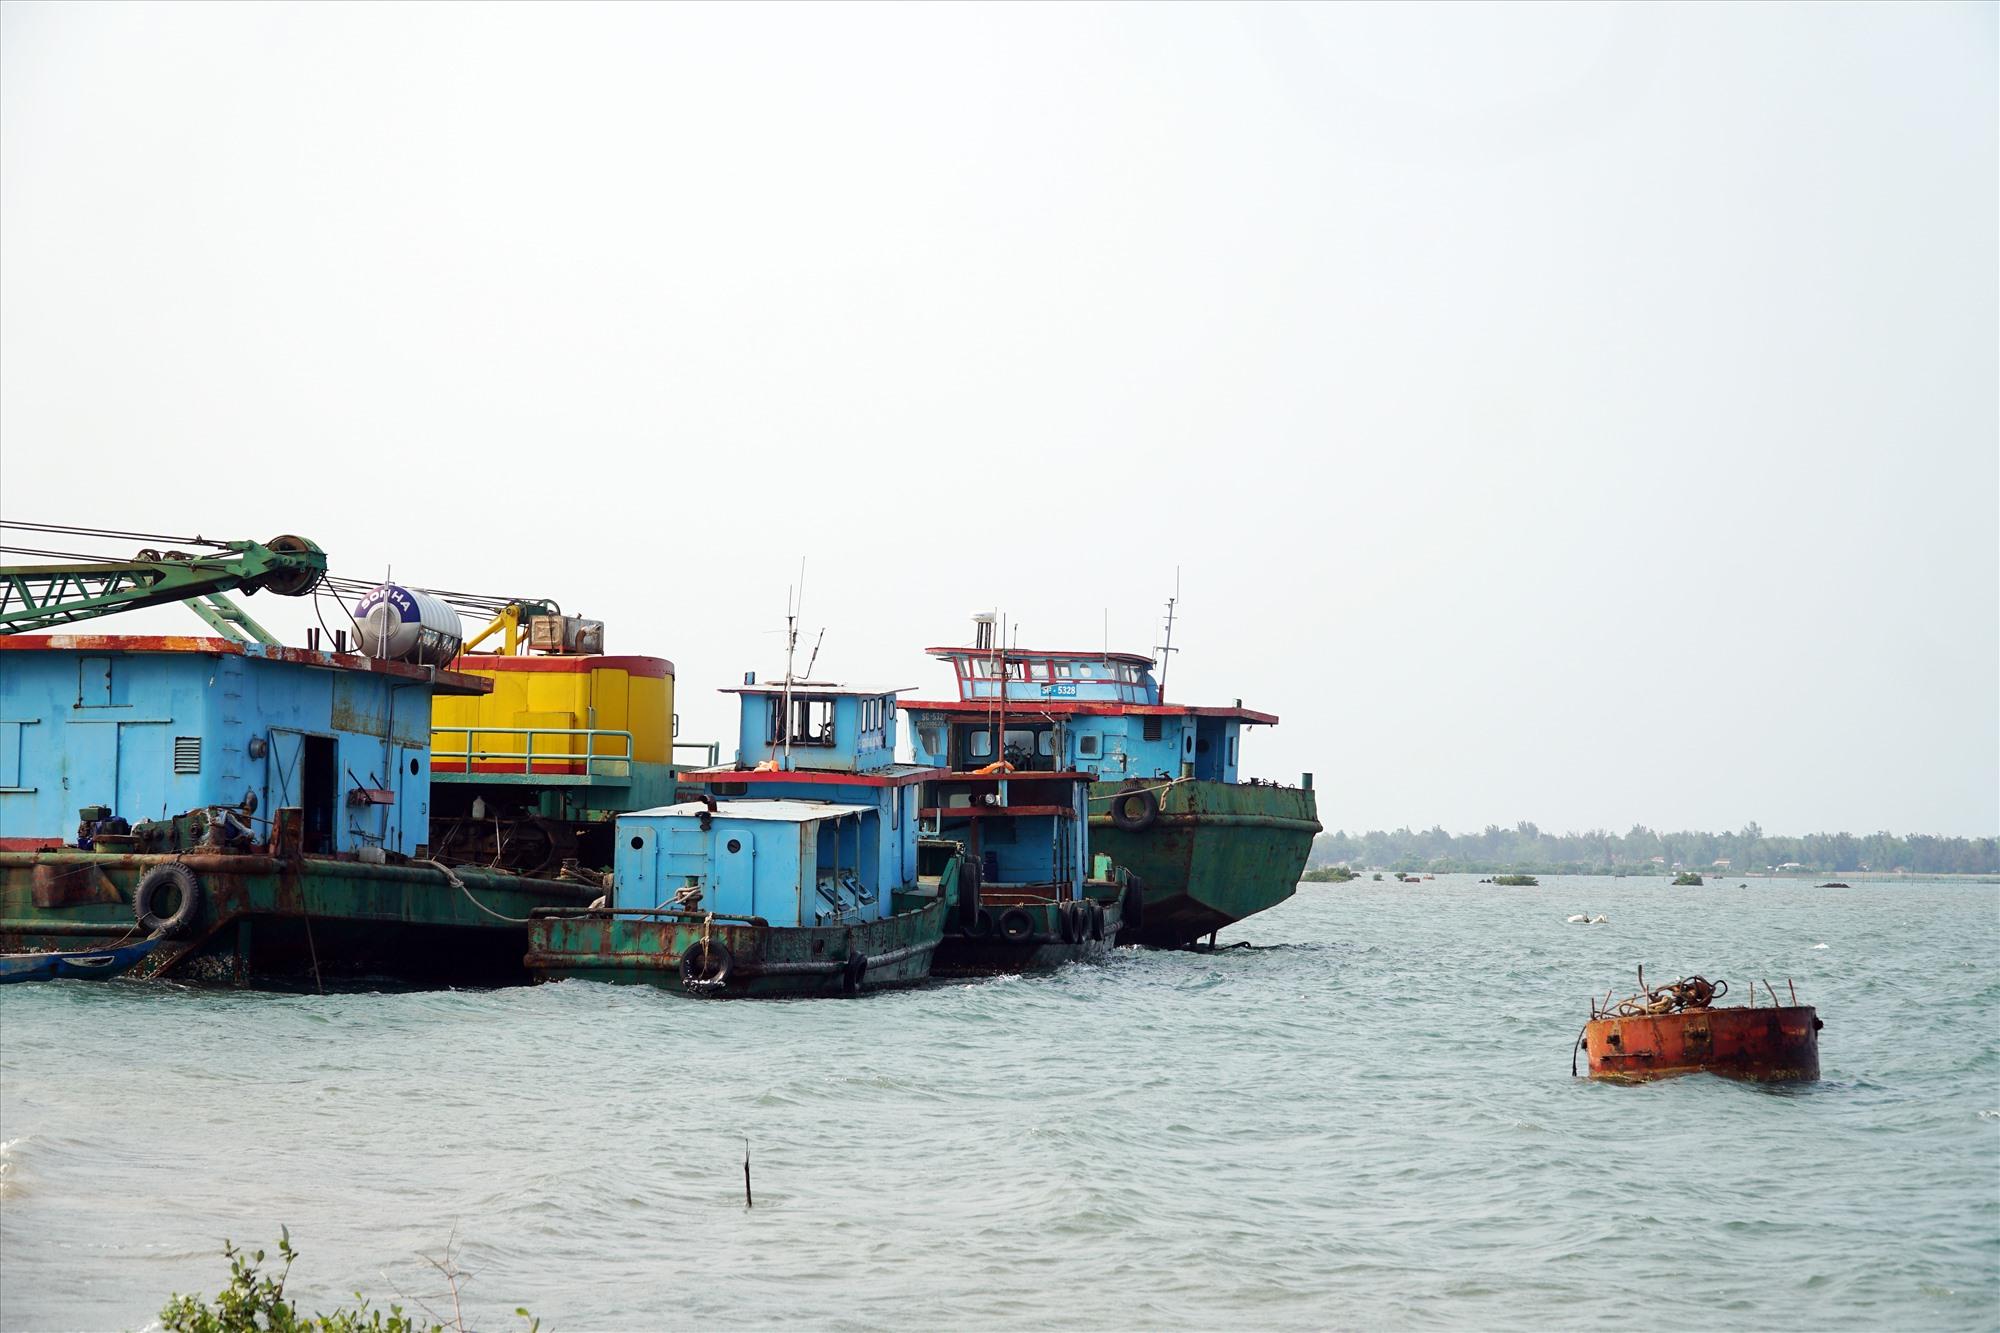 Các phương tiện máy móc nằm chờ nạo vét luồng vào cảng Tam Hiệp suốt 1 năm qua. Ảnh: N.T